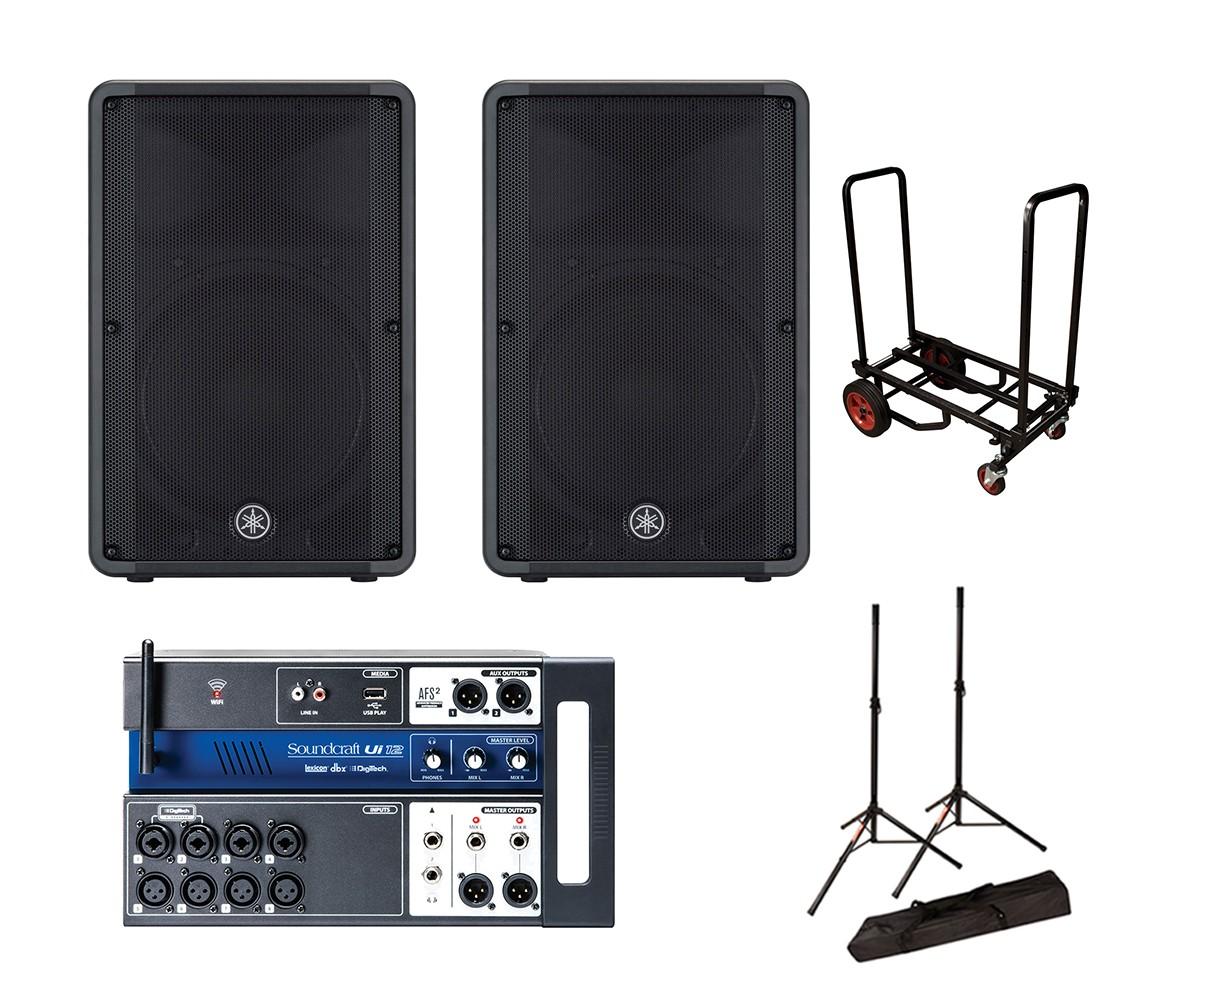 2x Yamaha DBR15 + Soundcraft Ui12 + Stands + Cart